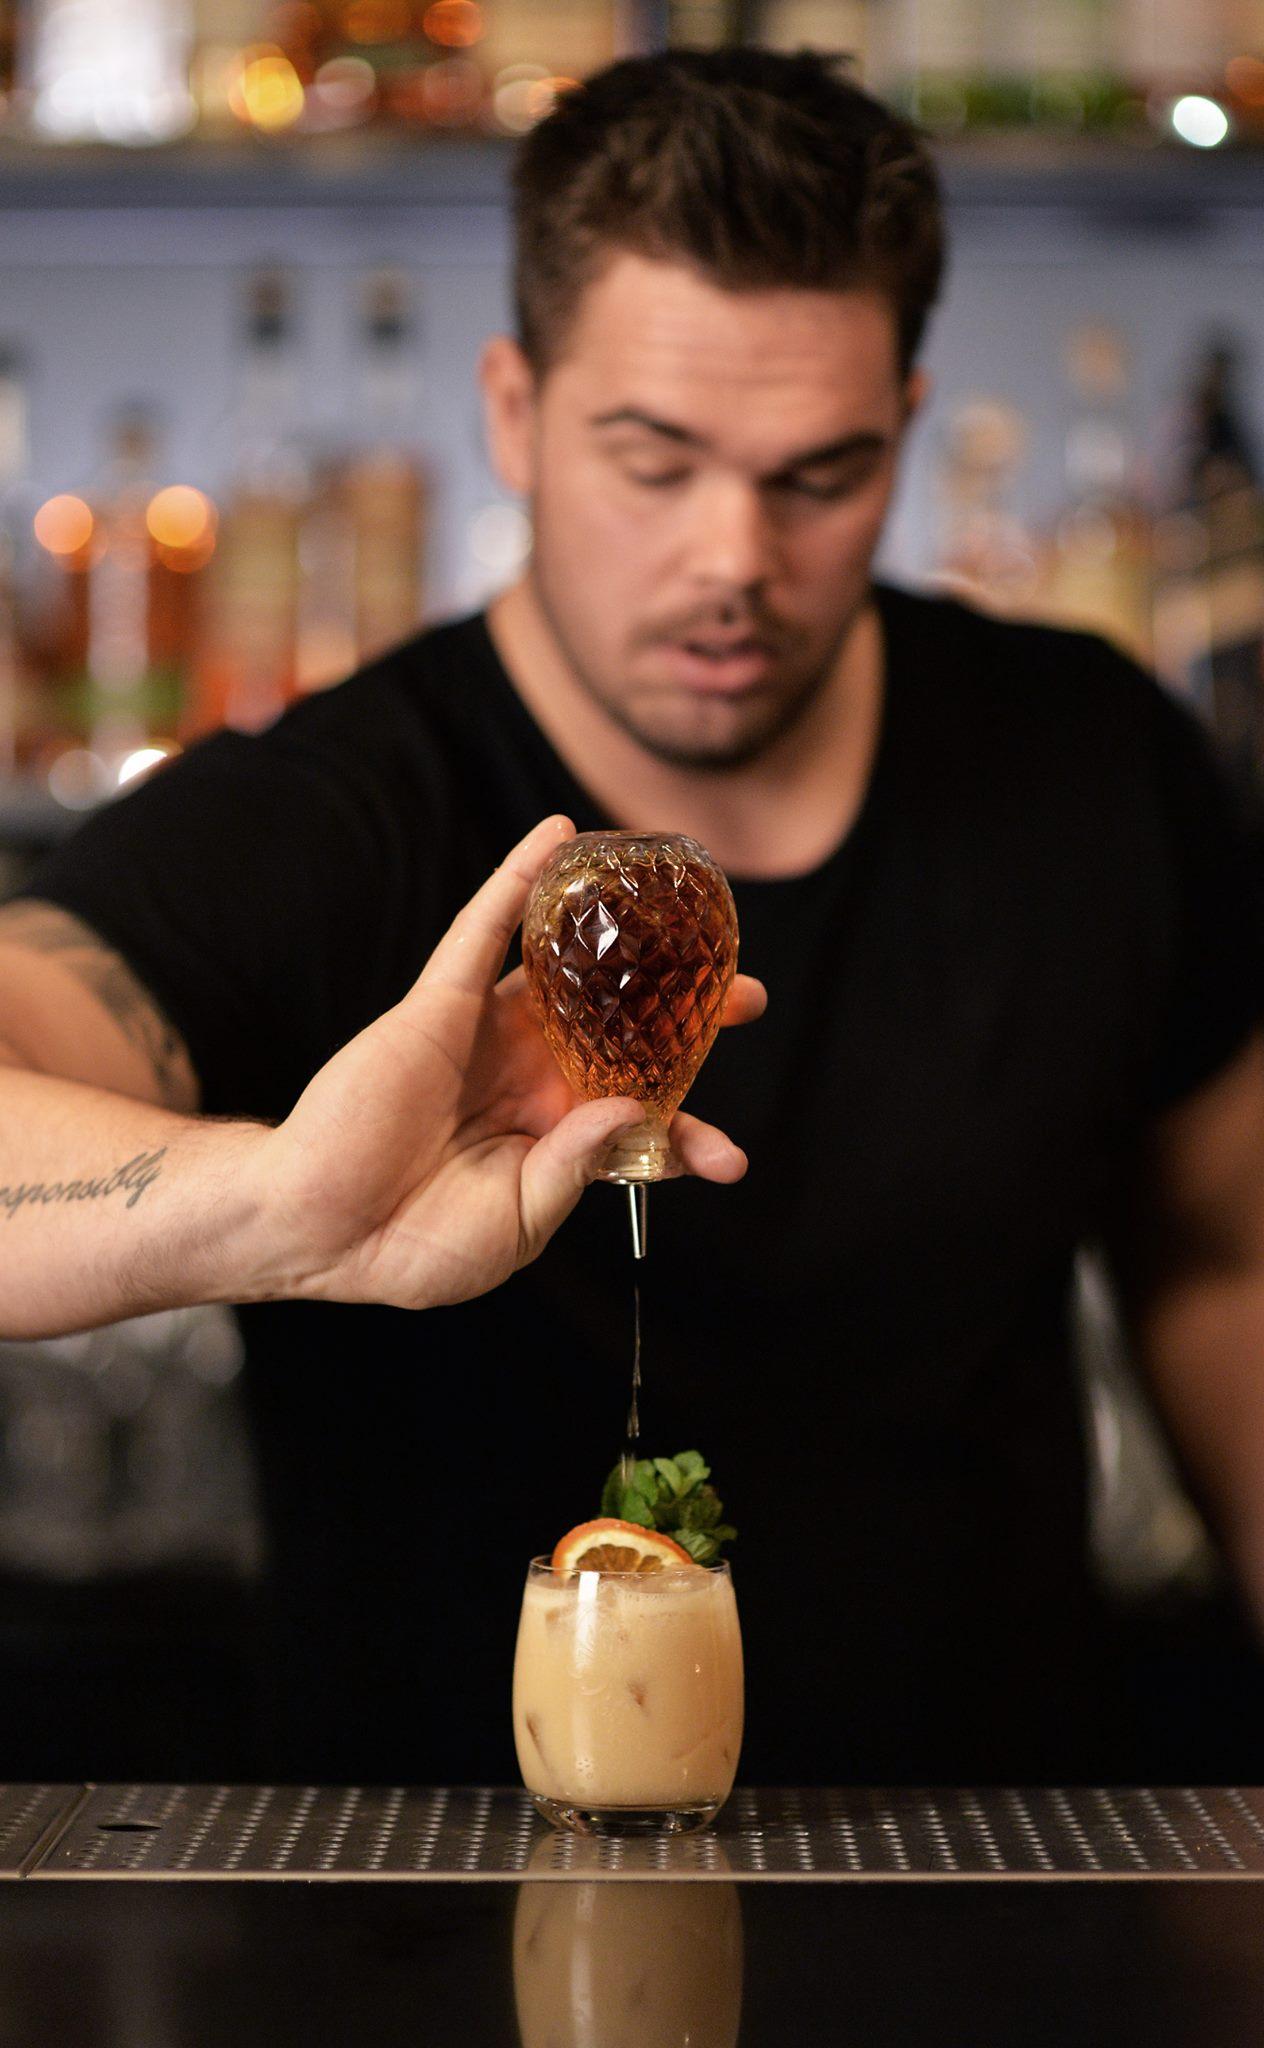 Nicklas Jørgensen from Helium cocktail bar in Copenhagen. Photo by Alexander Banck-Petersen.